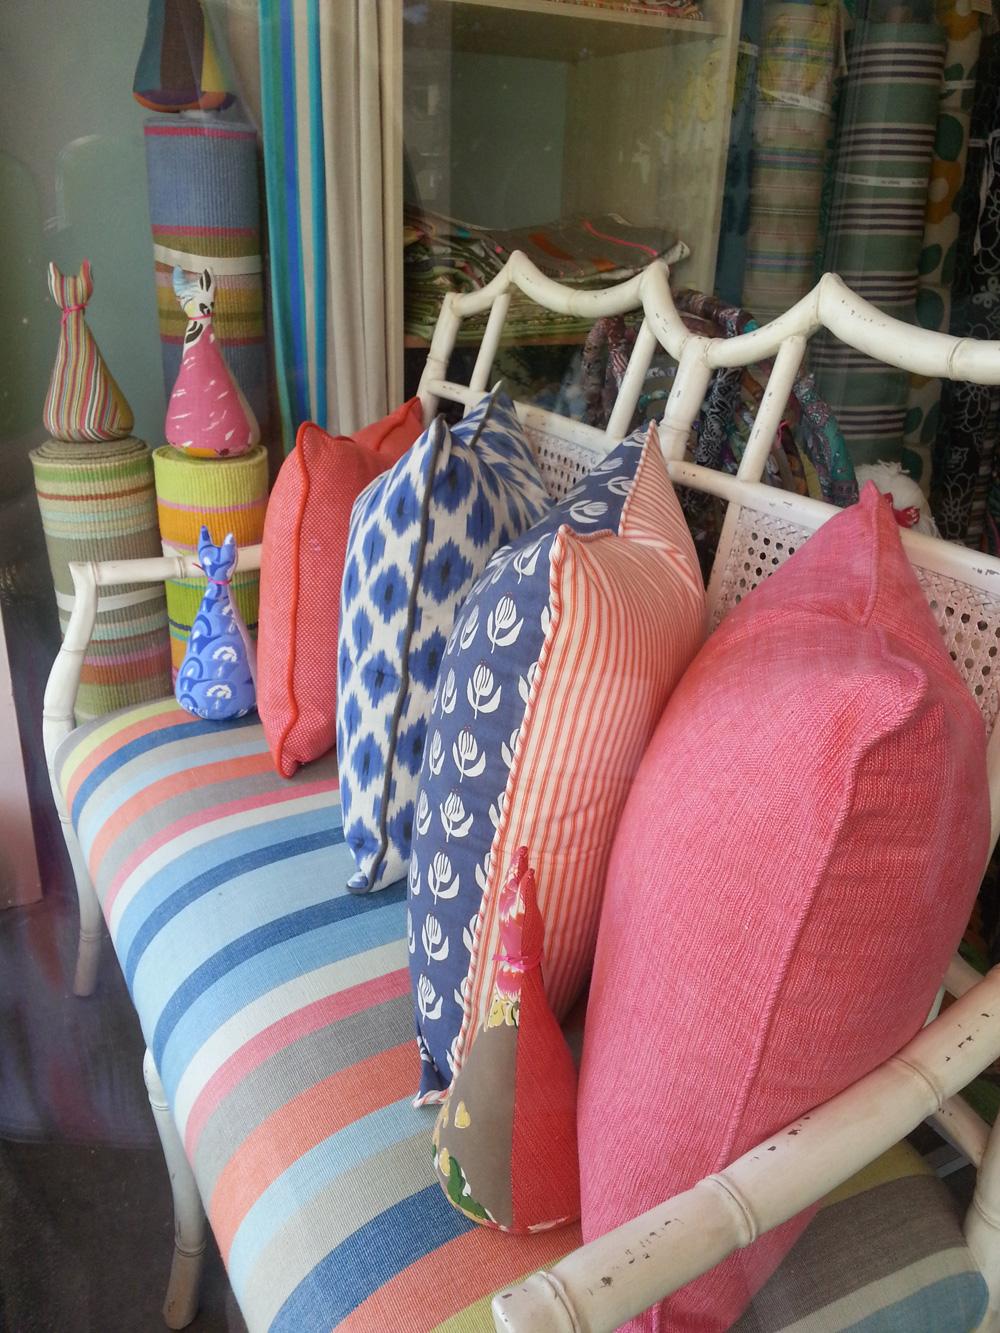 Jastuk prirodnih boja, cvetni motivi, pruge